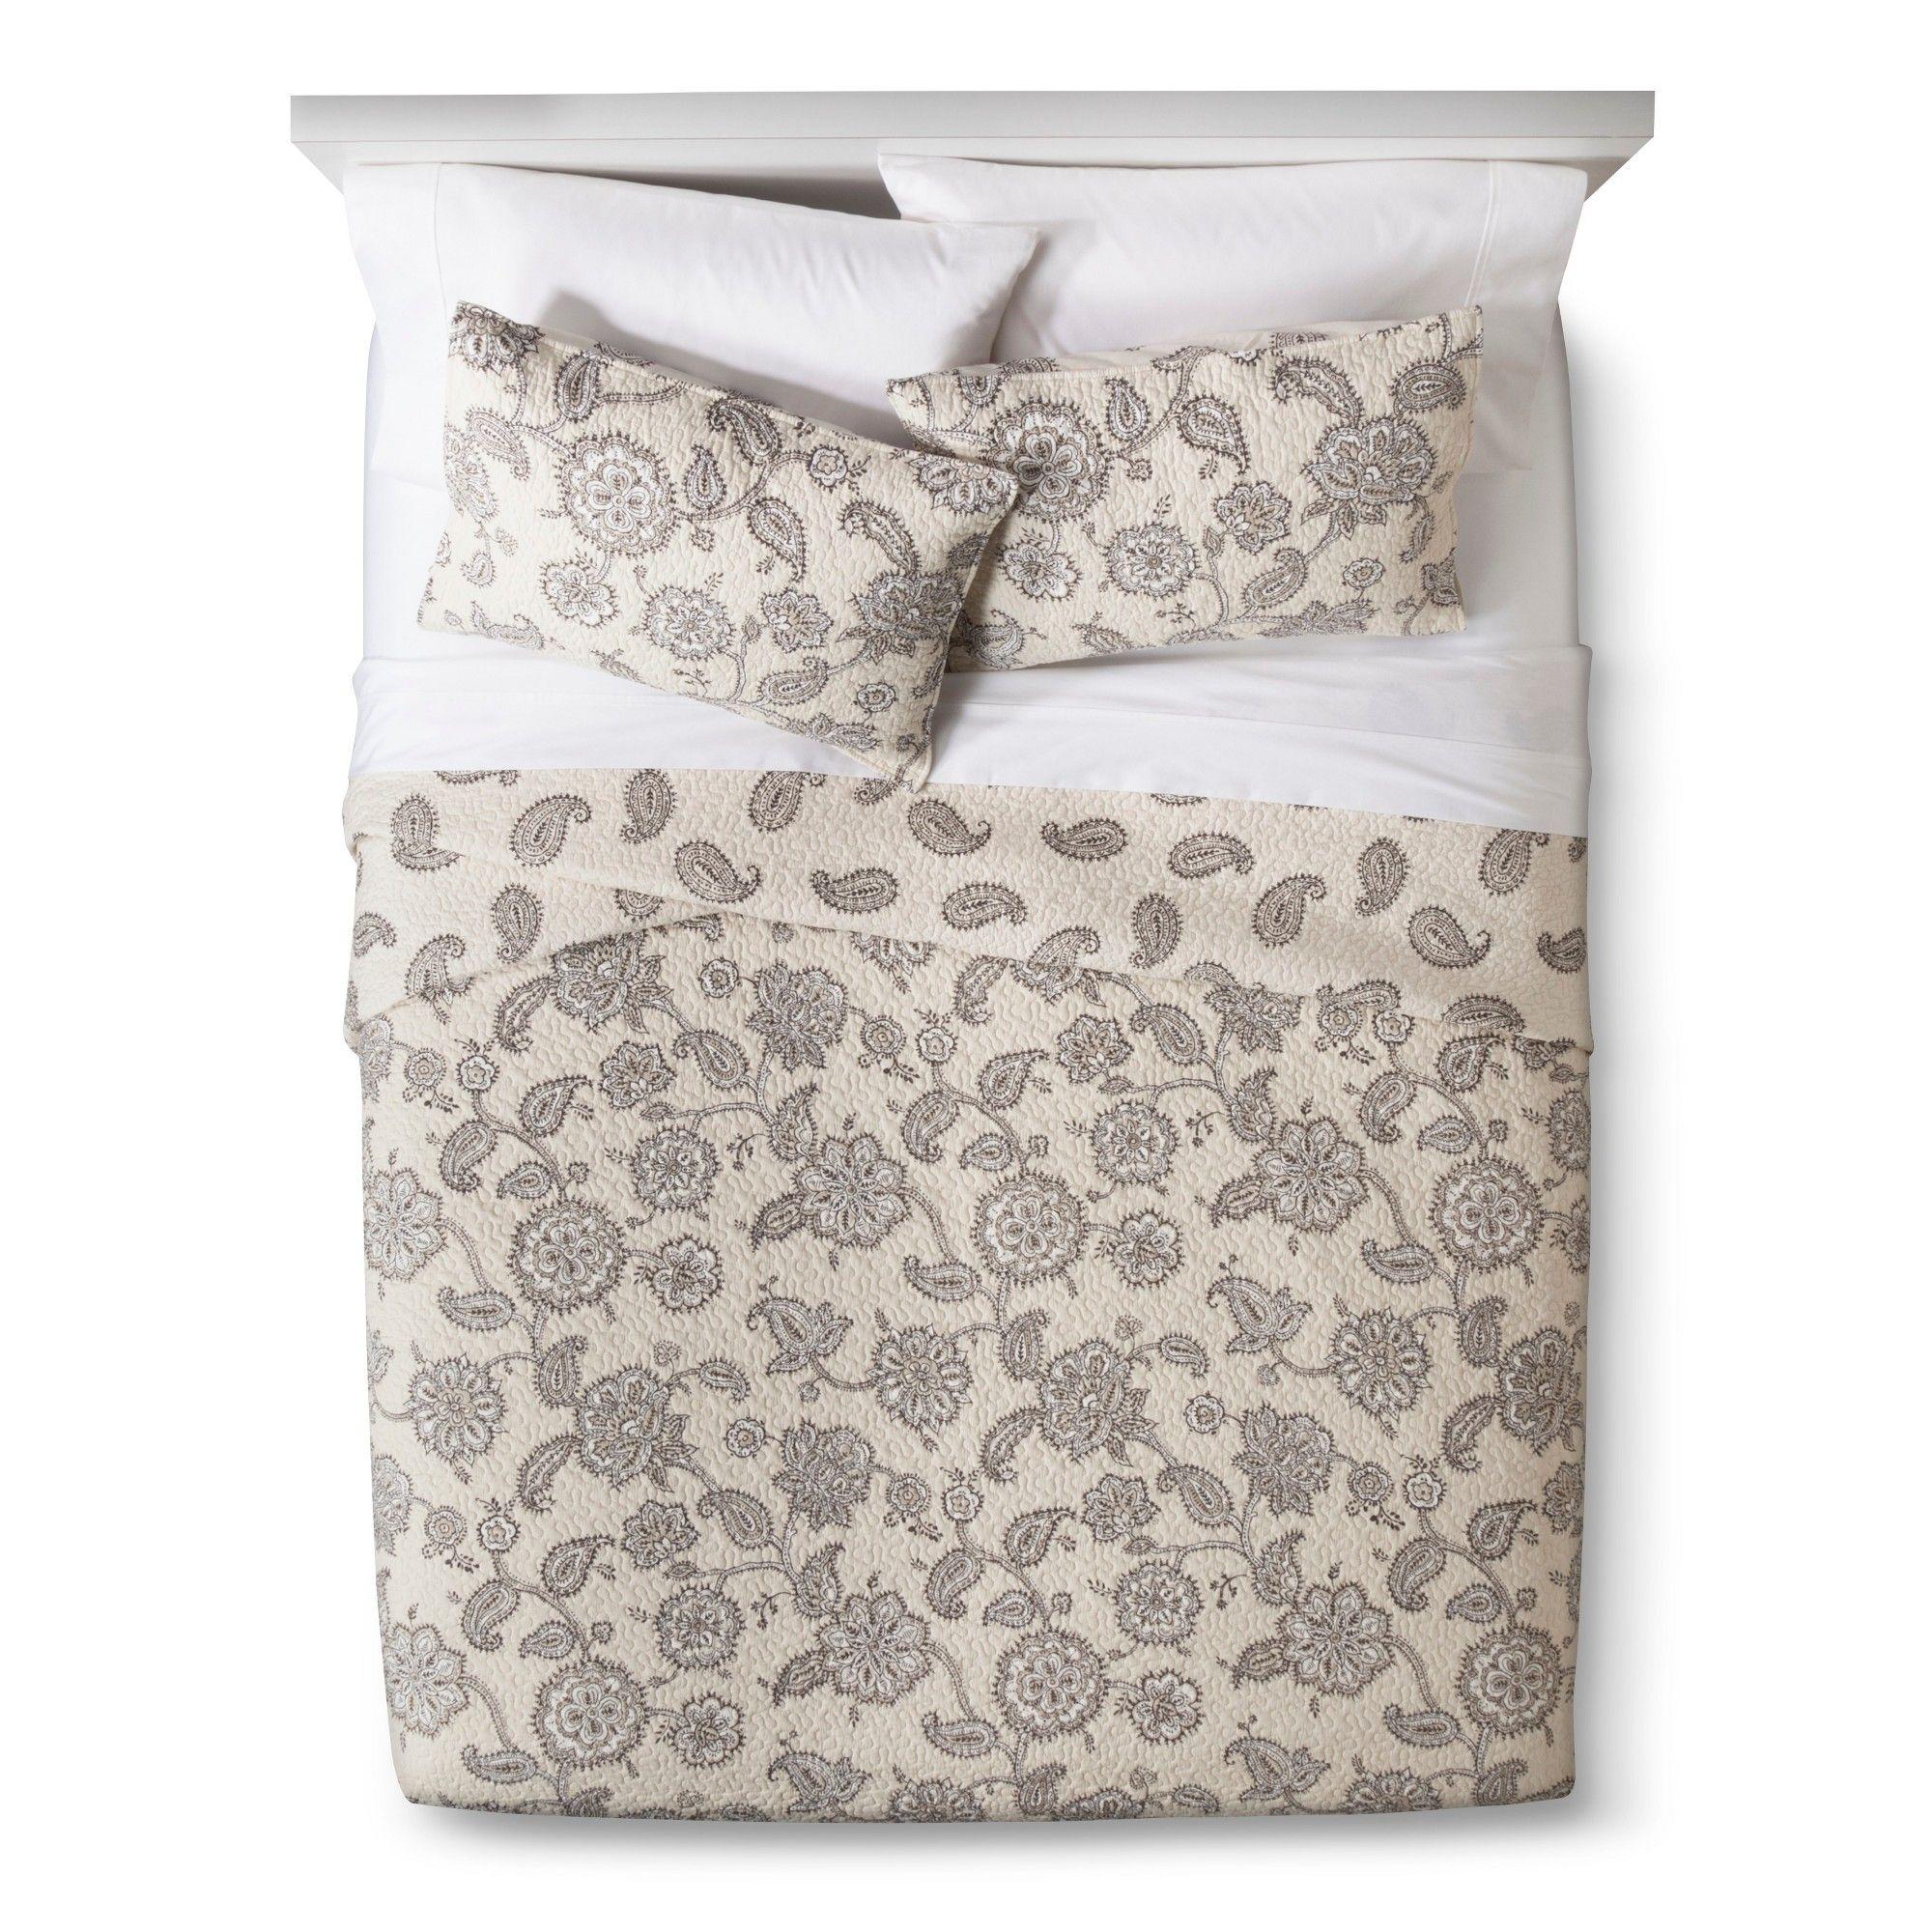 Jaipur quilt set cream fullqueen mudhut gray products